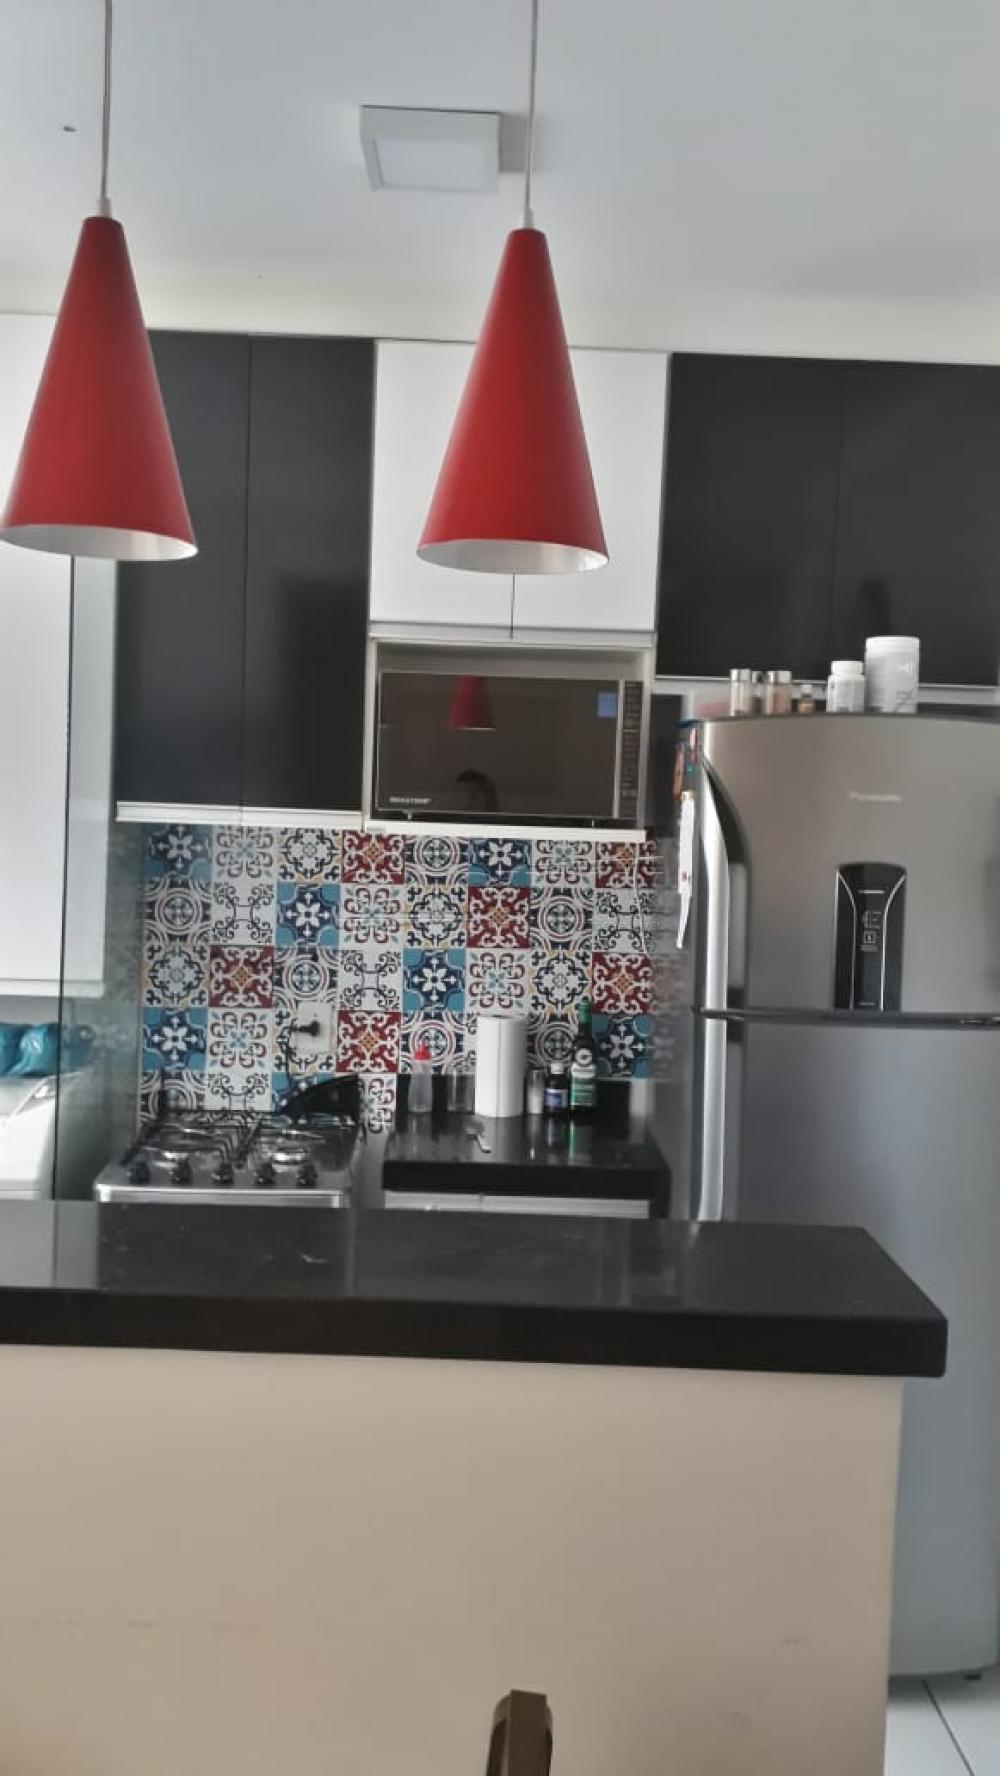 Comprar Apartamento / Padrão em Araraquara R$ 170.000,00 - Foto 3